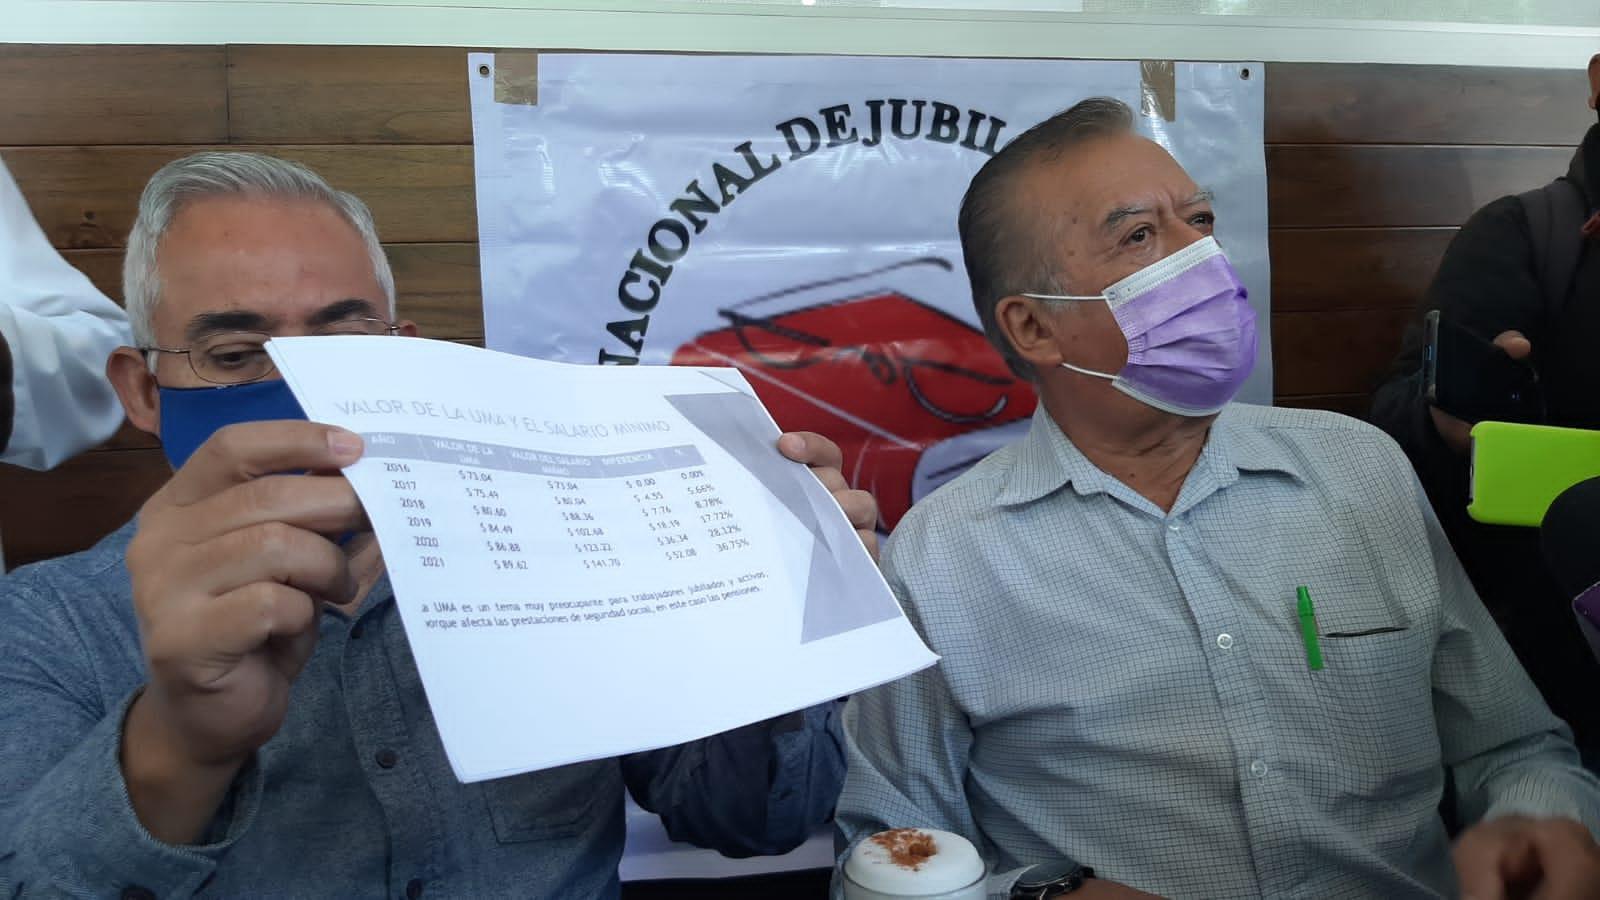 Coalición de pensionados del advierten que UMA podría aplicarse a jubilados y pensionados del Estado